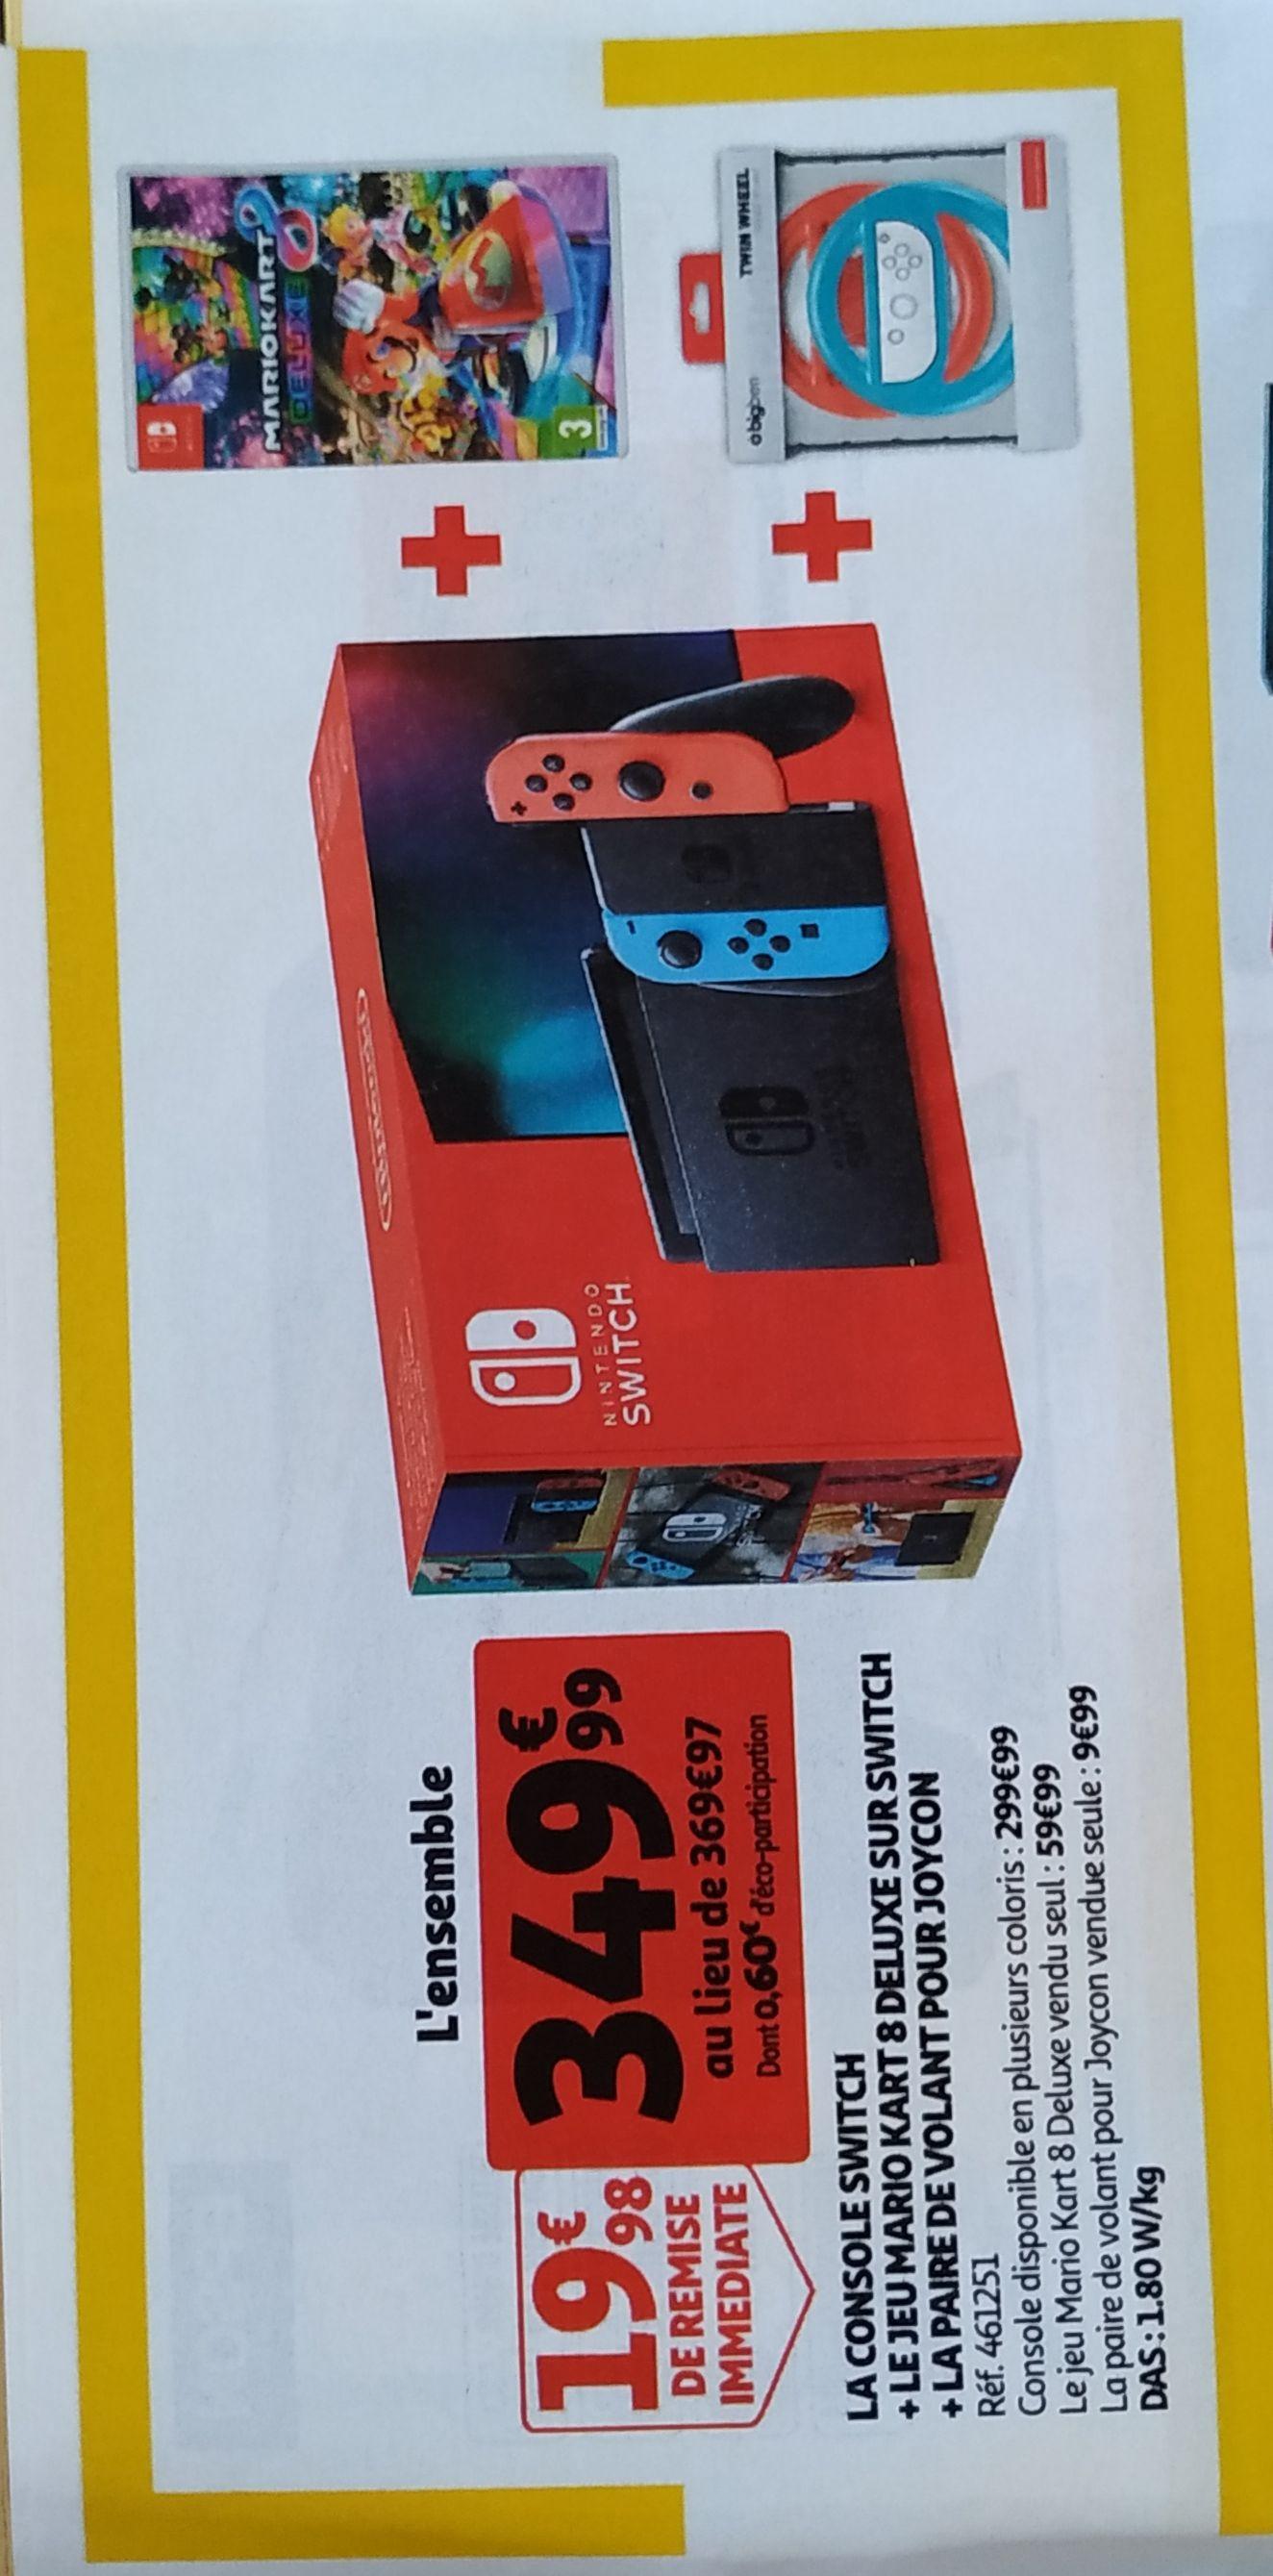 Console Nintendo Switch + Jeu Mario Kart 8 Deluxe + Paire de volant pour Joy-Con